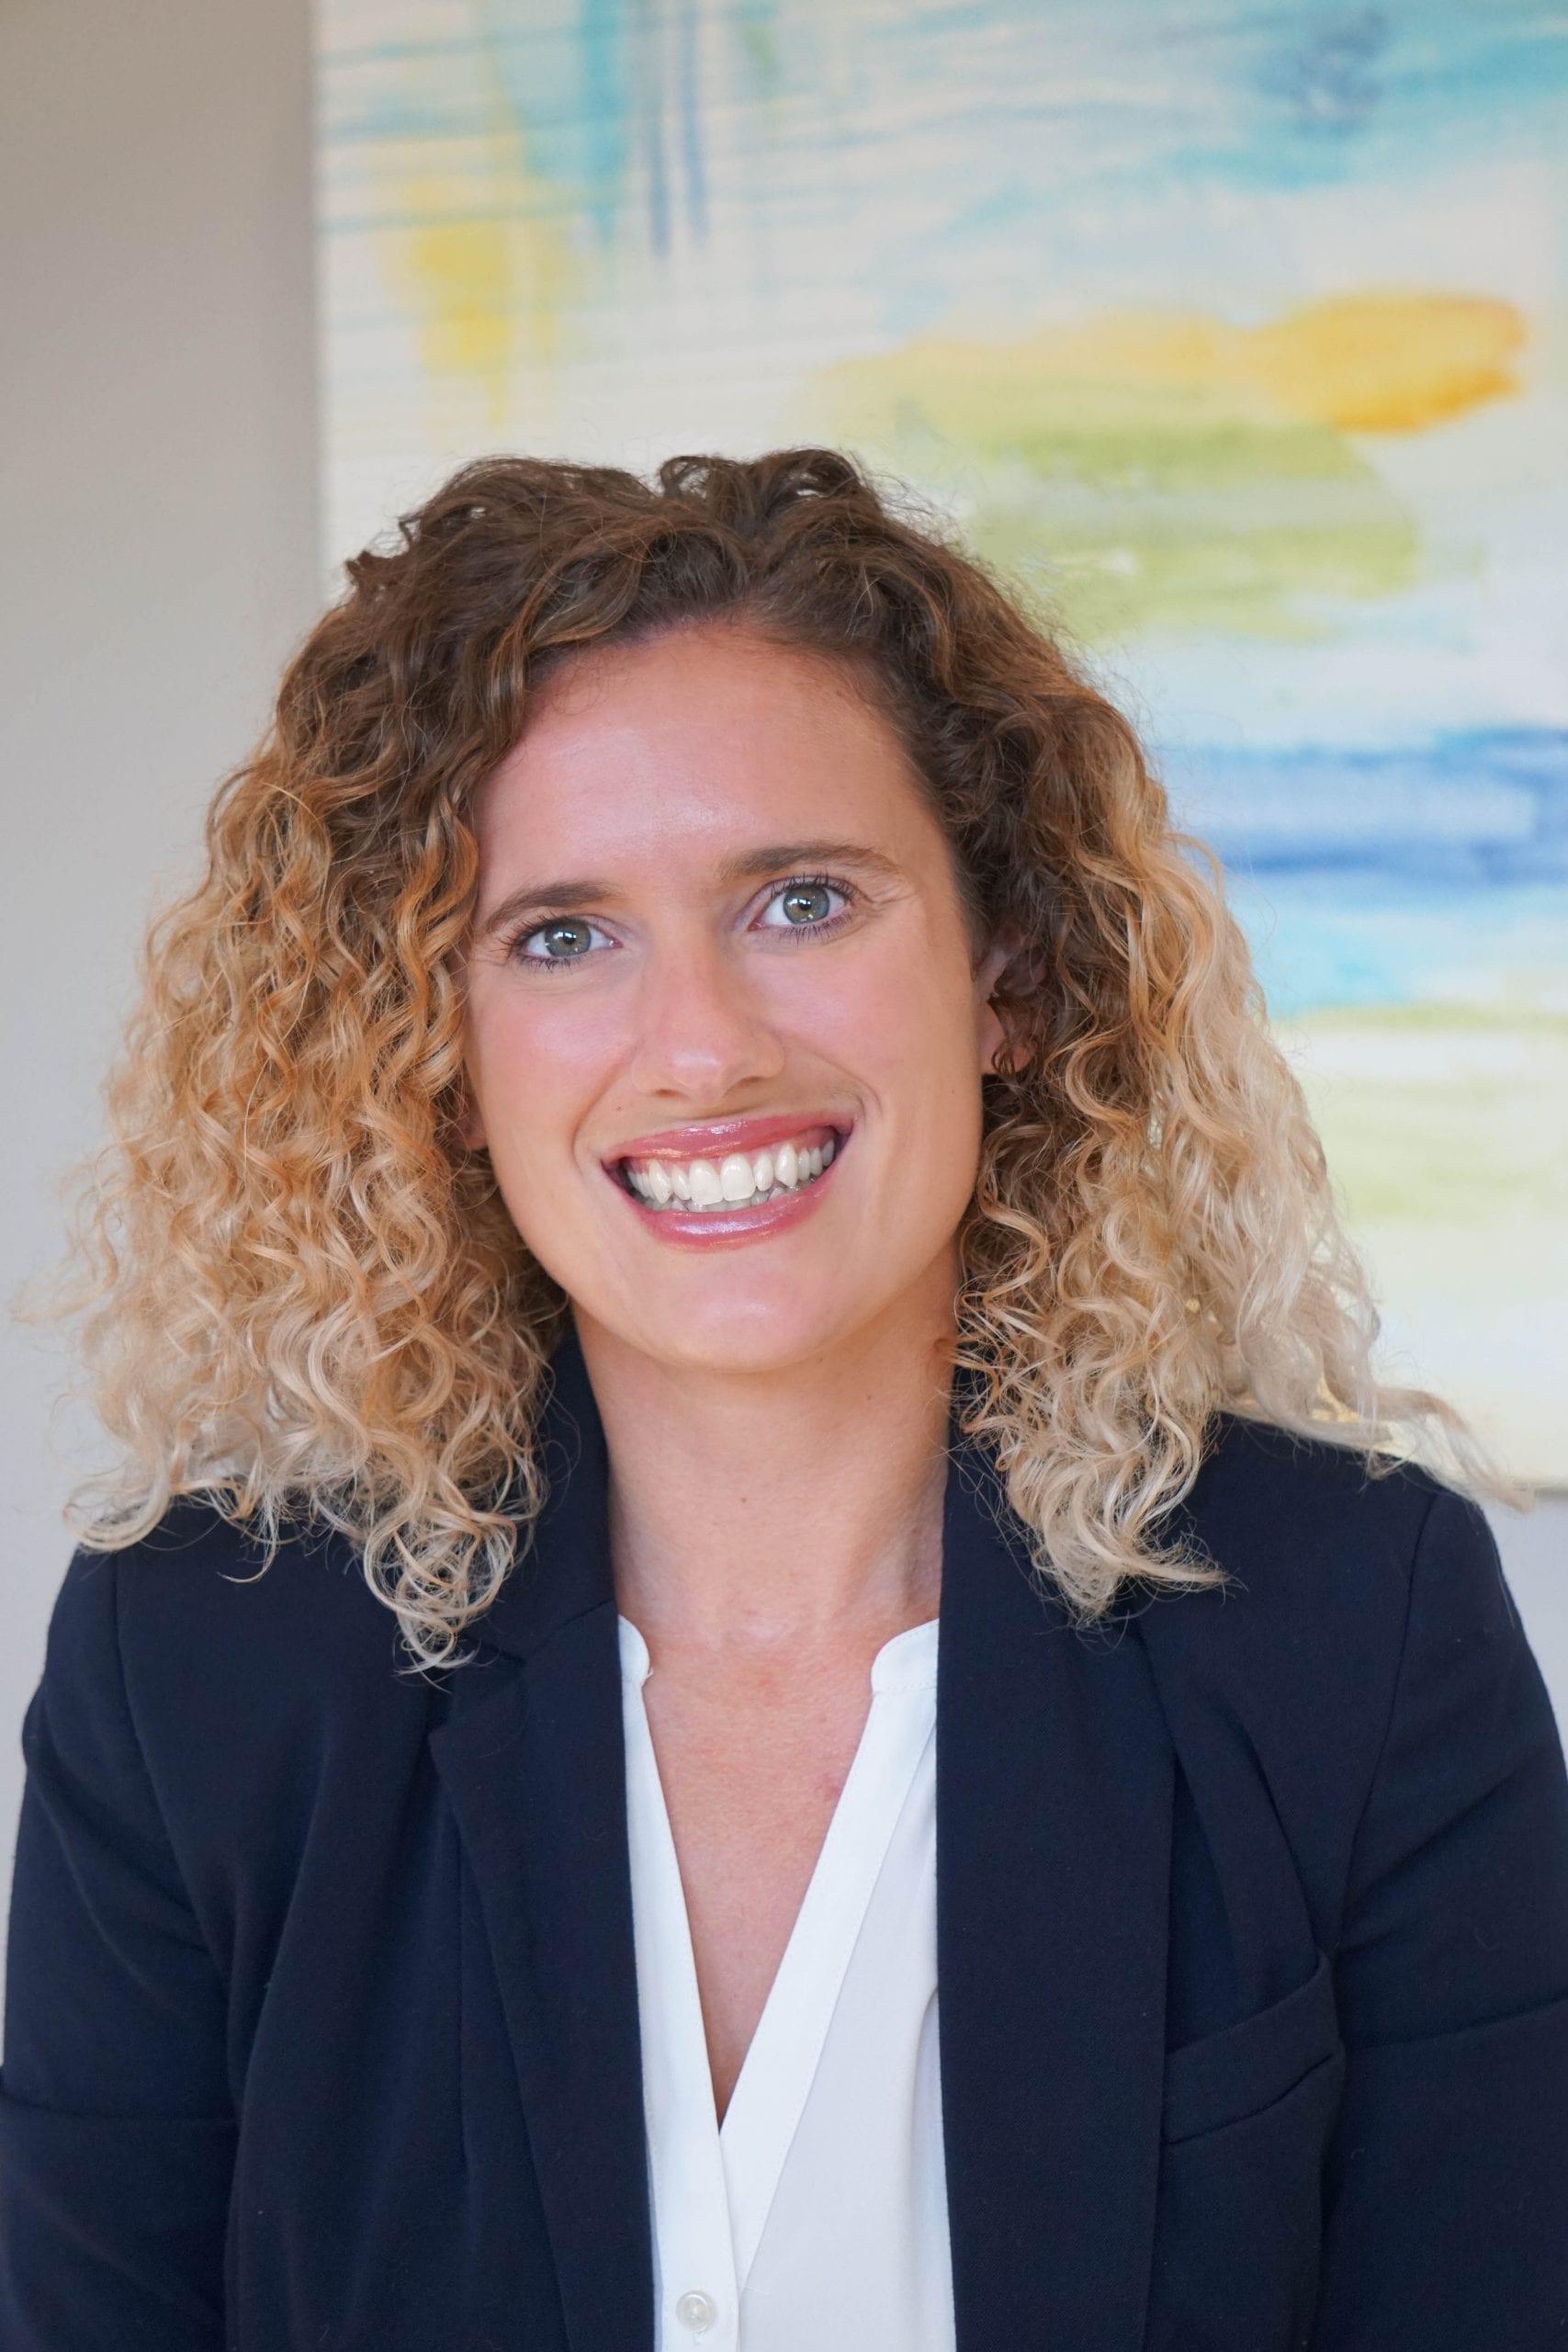 Katie Bell Pearce